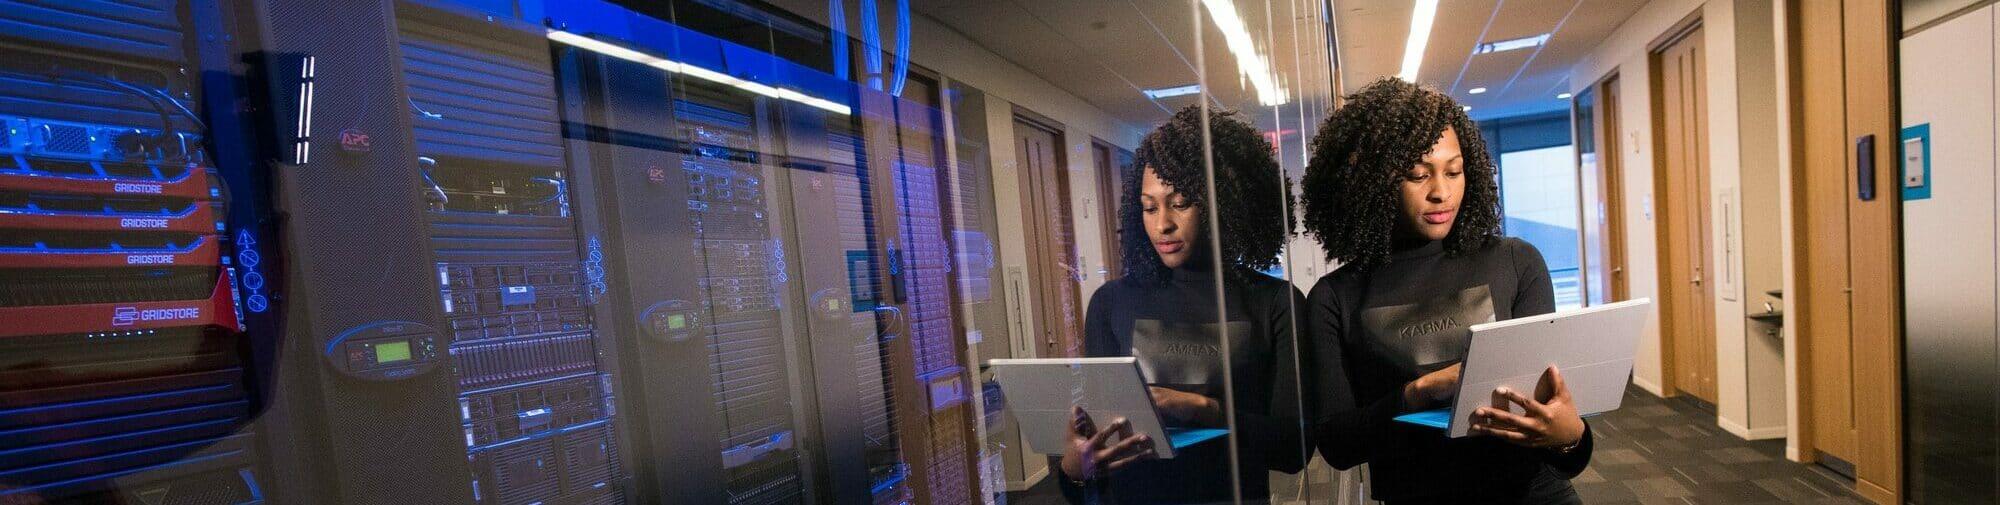 Der neue Windows Server 2022 enthält Sicherheitsverbesserungen